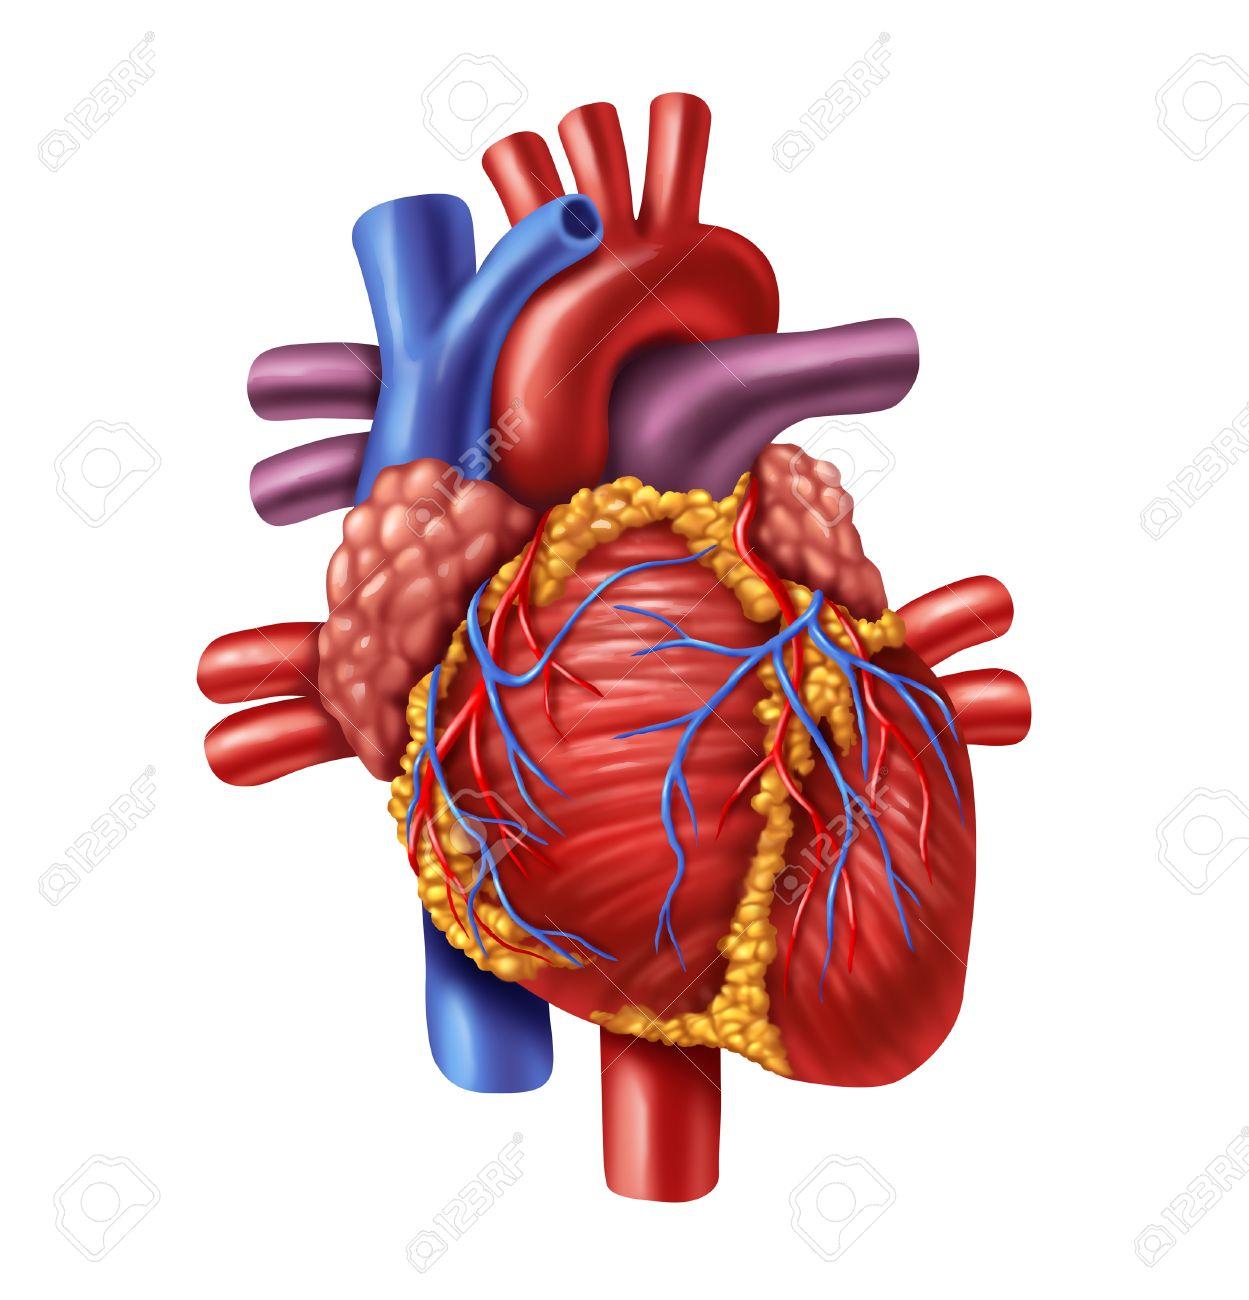 Menschliches Herz Anatomie Von Einem Gesunden Körper Auf Weißem ...